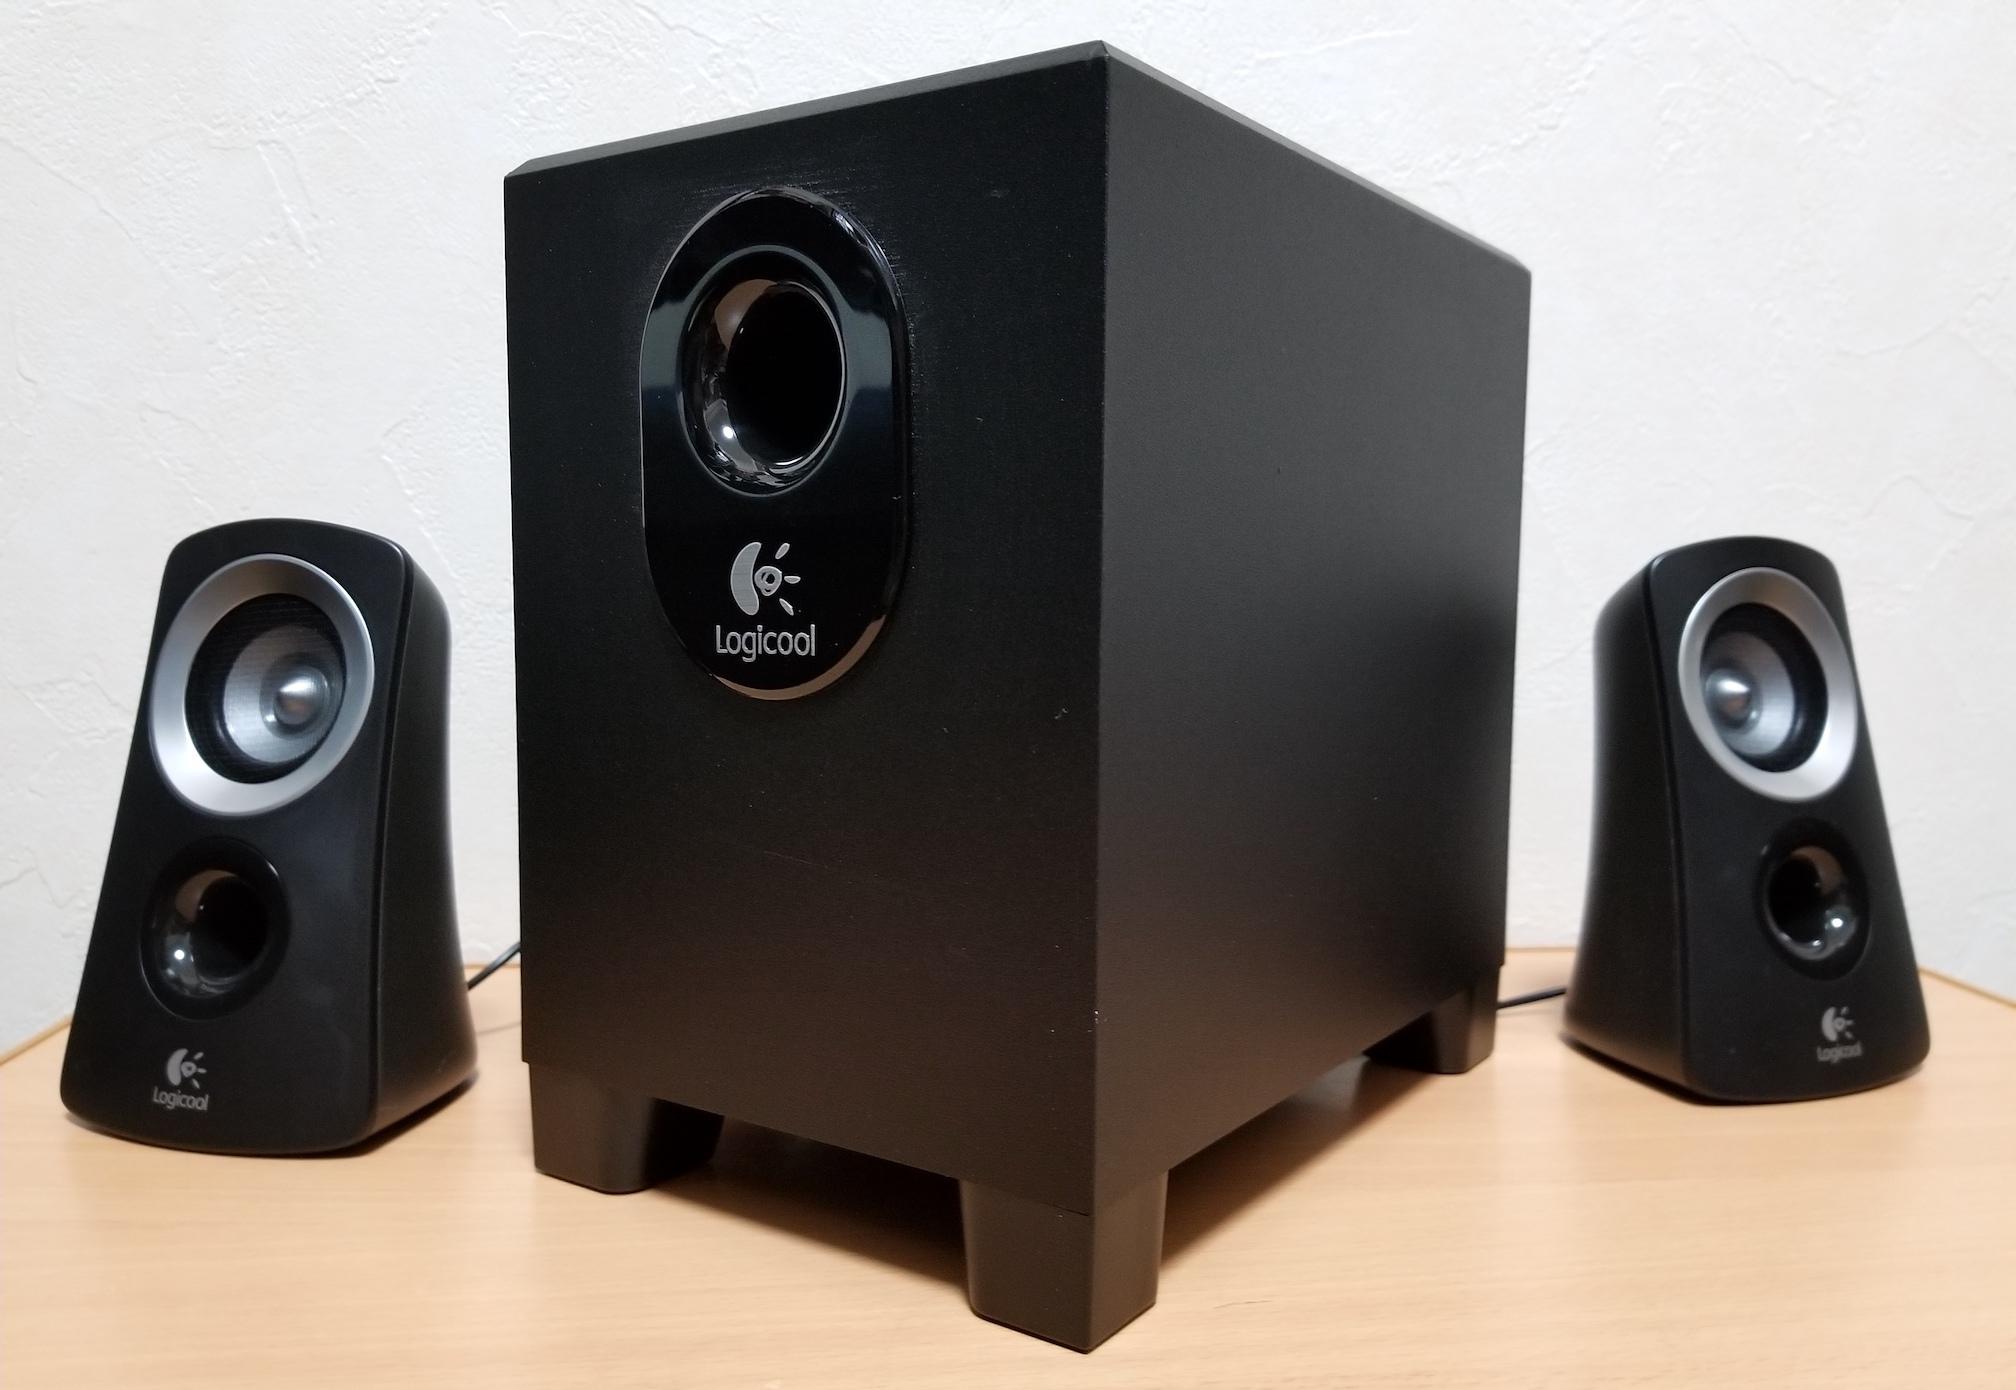 PCスピーカーをLOGICOOLの2.1chスピーカーシステム Z313に新調。高コスパで迫力のある重低音を楽しめるぞ